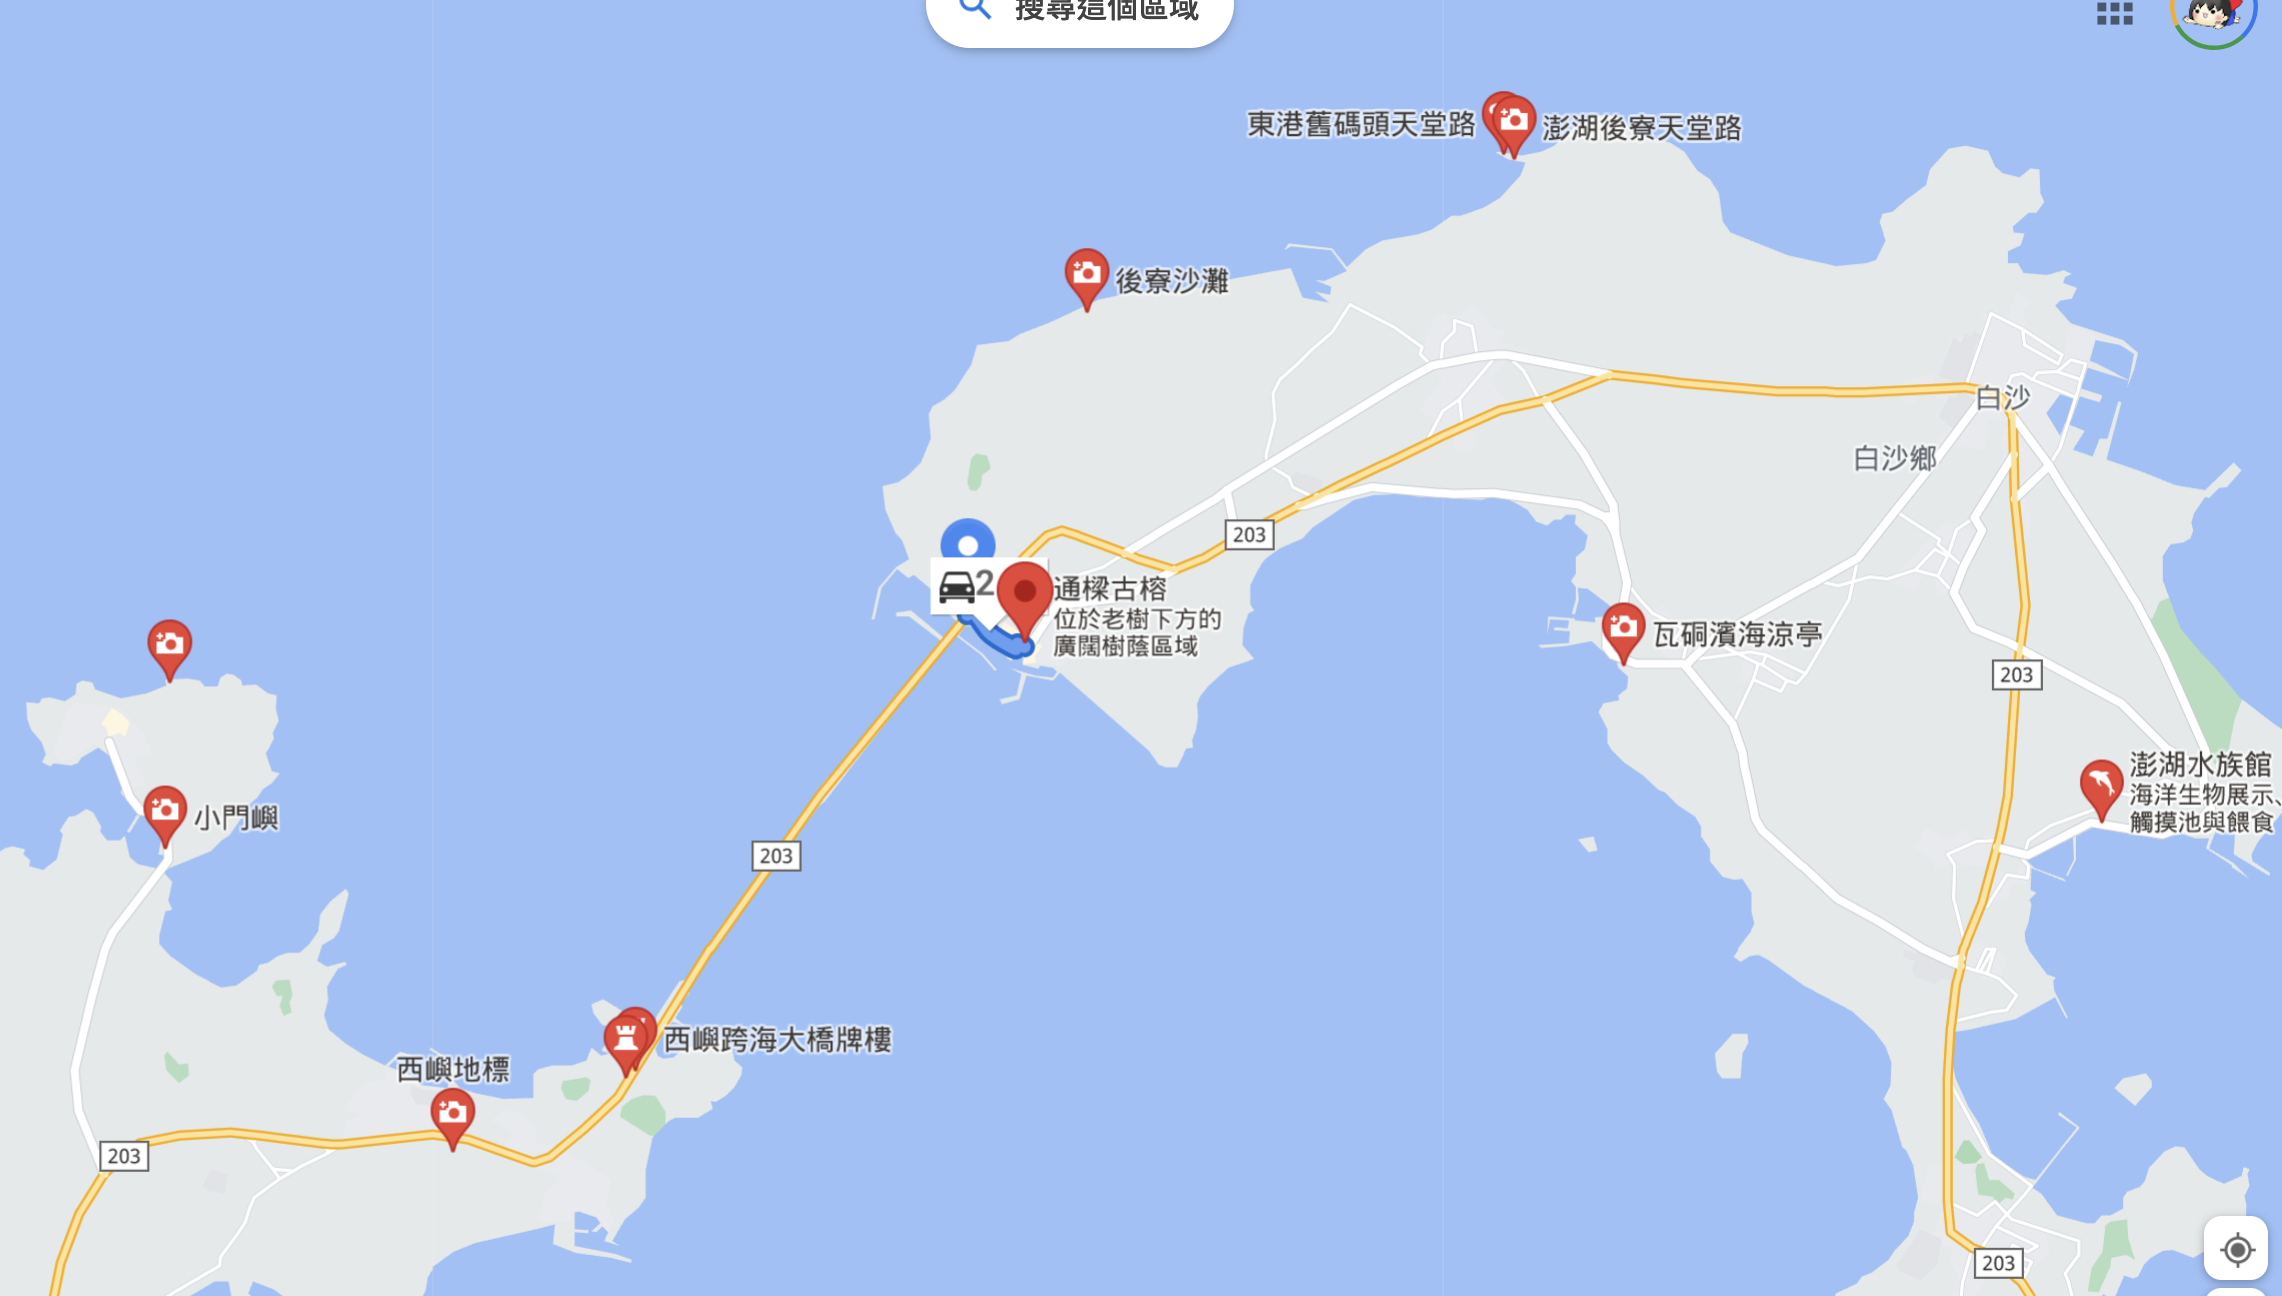 澎湖景點》澎湖跨海大橋~橫跨海上的大橋,白沙西嶼兩島之間全長2494公尺,舊橋就在旁邊